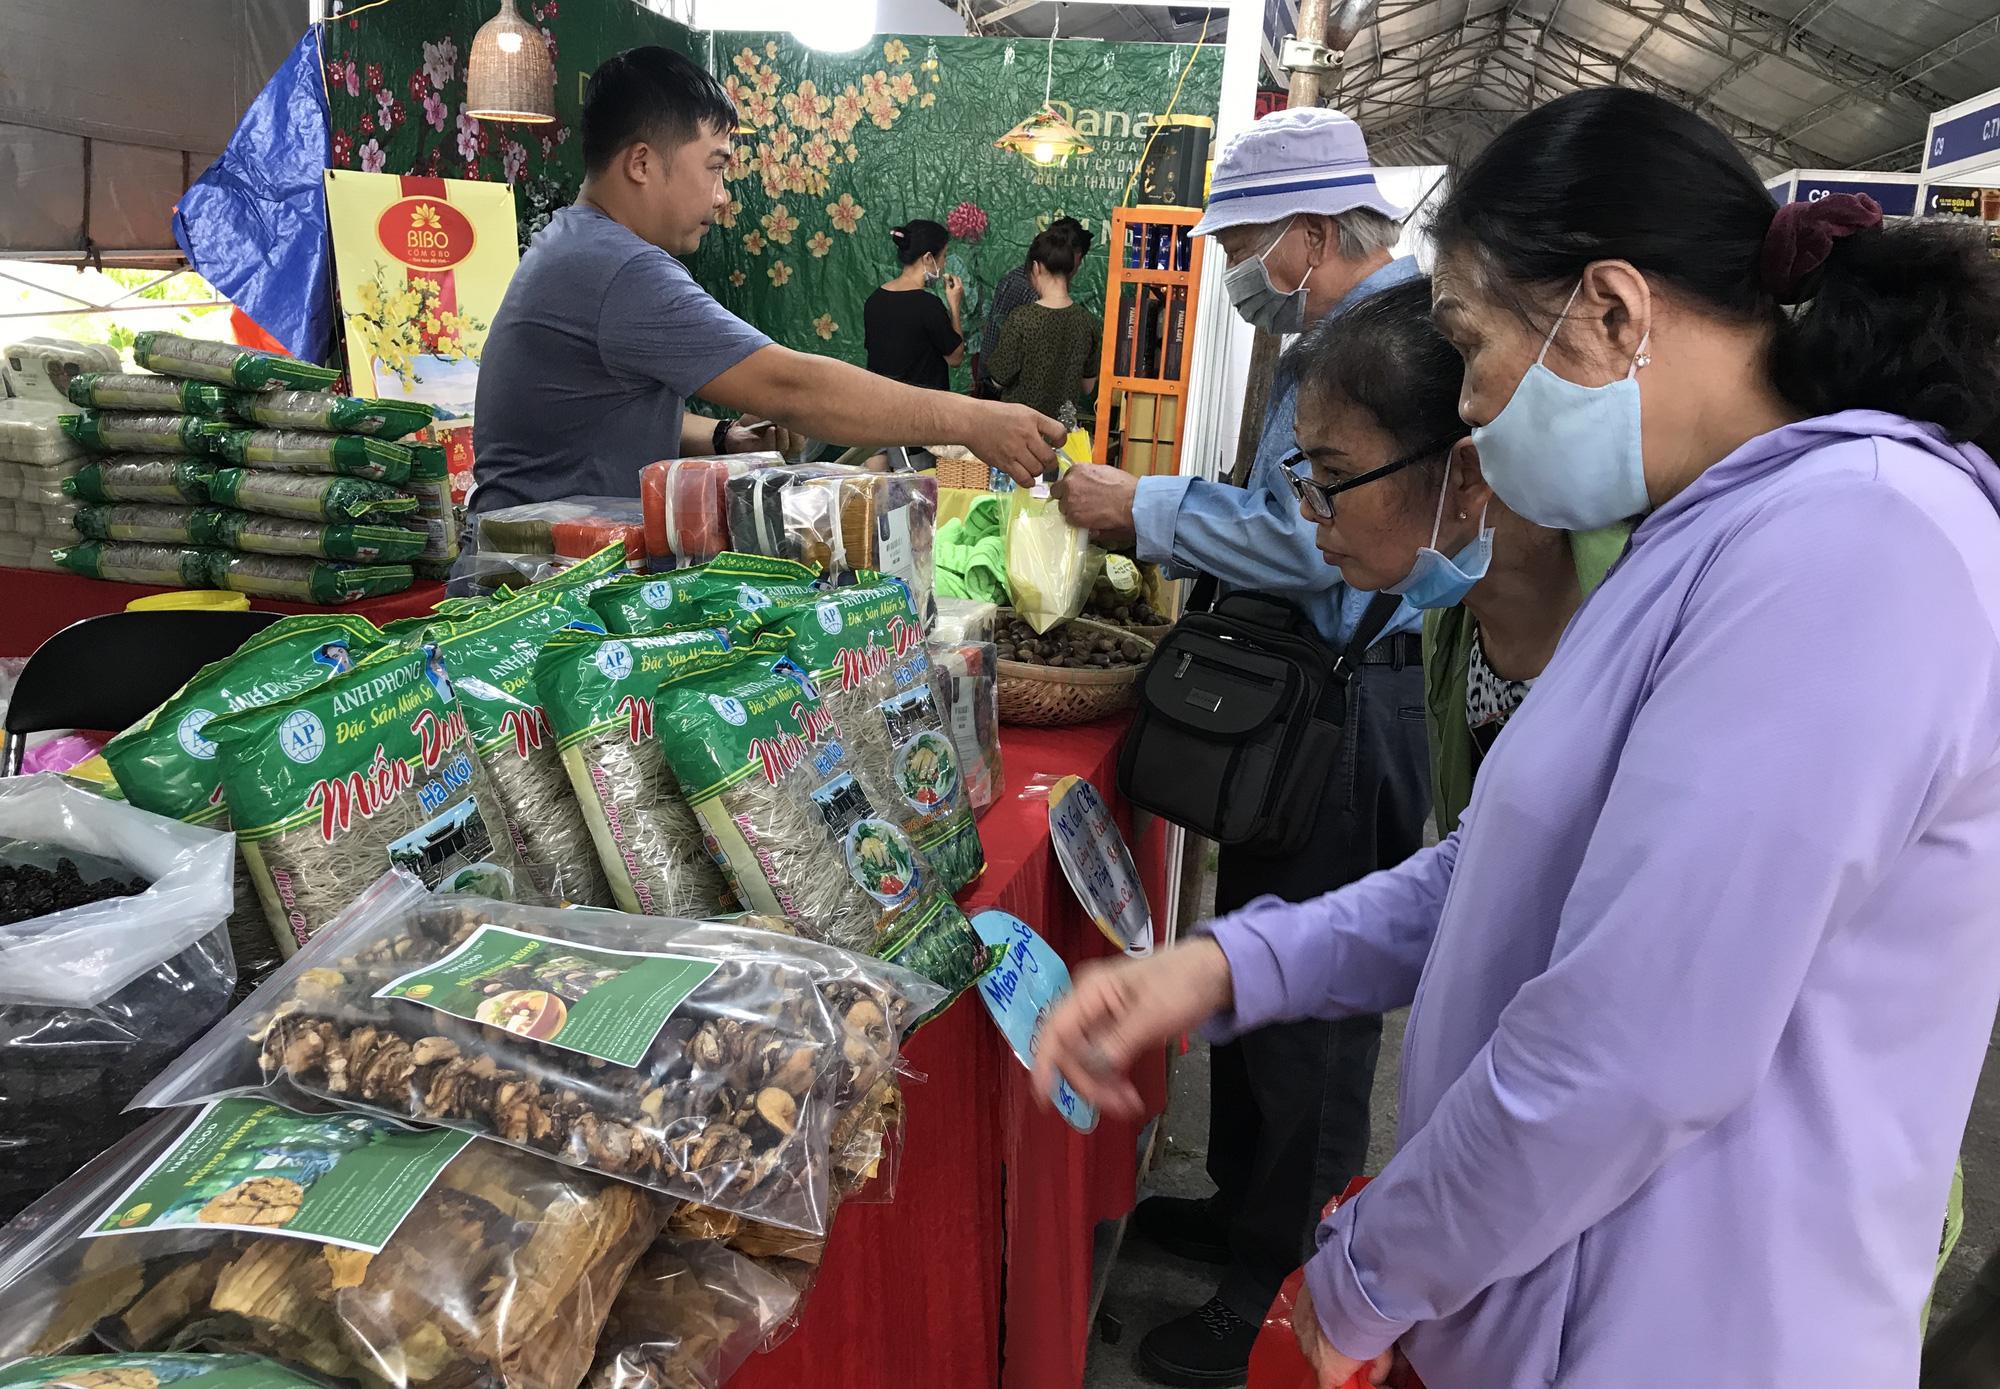 TP.HCM: Hội chợ Tết mở sớm, đặc sản độc lạ 3 miền ùn ùn đổ về - Ảnh 4.